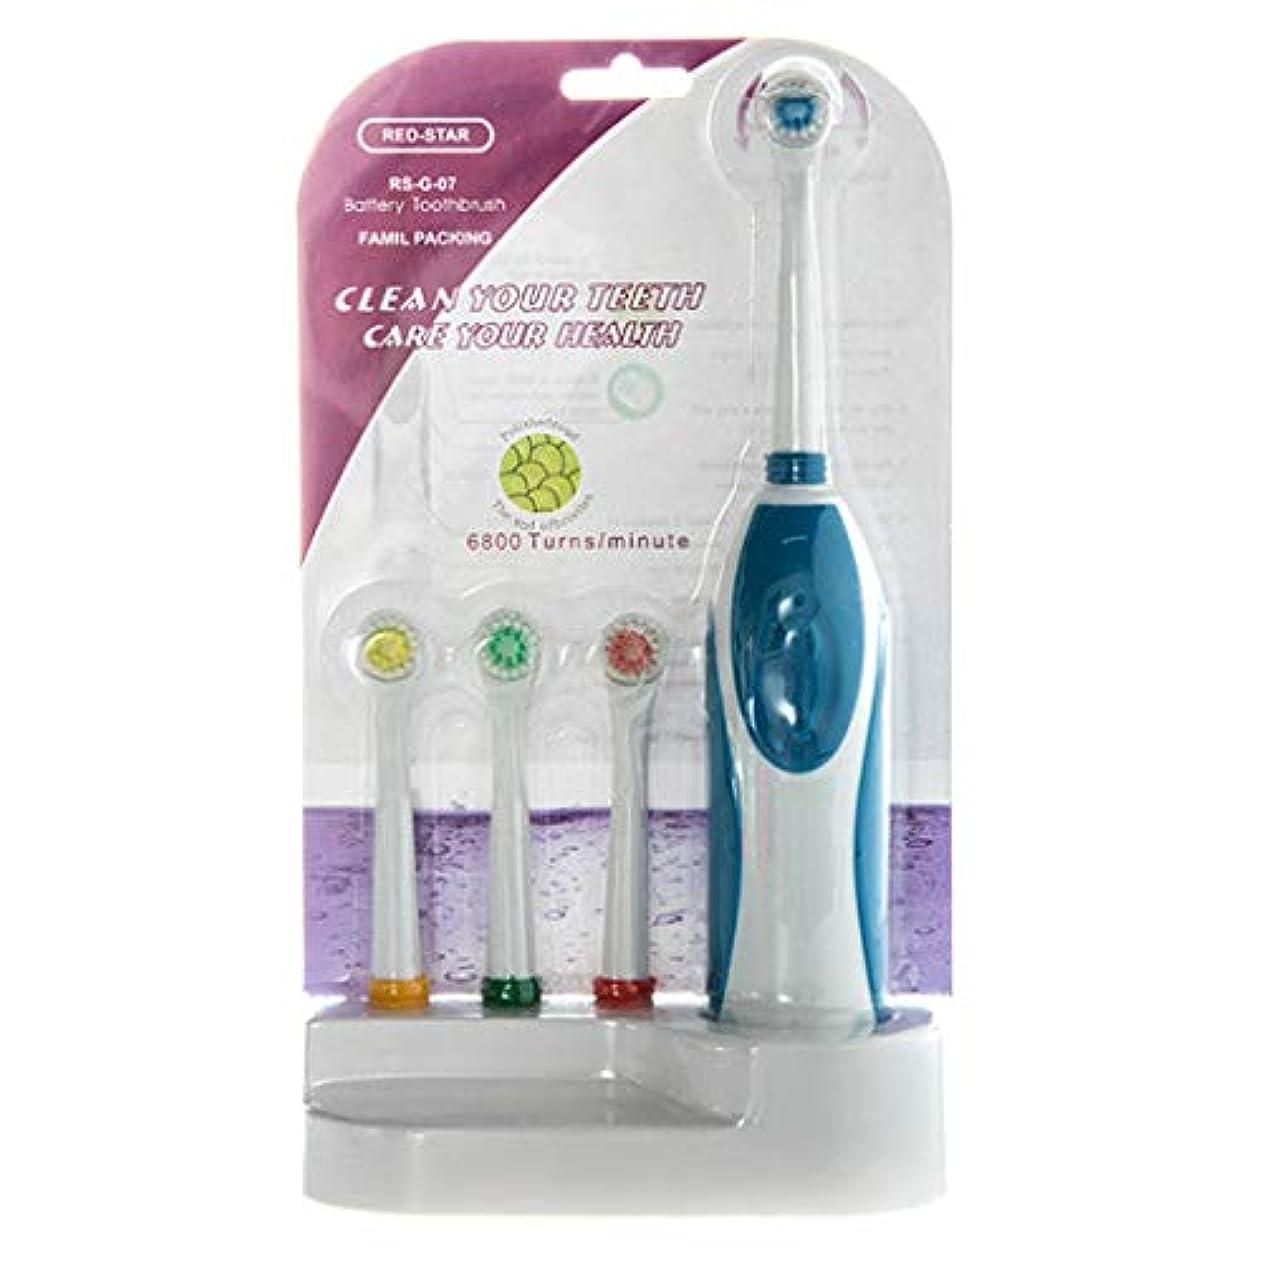 抑圧するベルト気分が悪いYHSUNN 電動歯ブラシきれいな歯ゴム回転ブラシヘッド交換防水大人子供